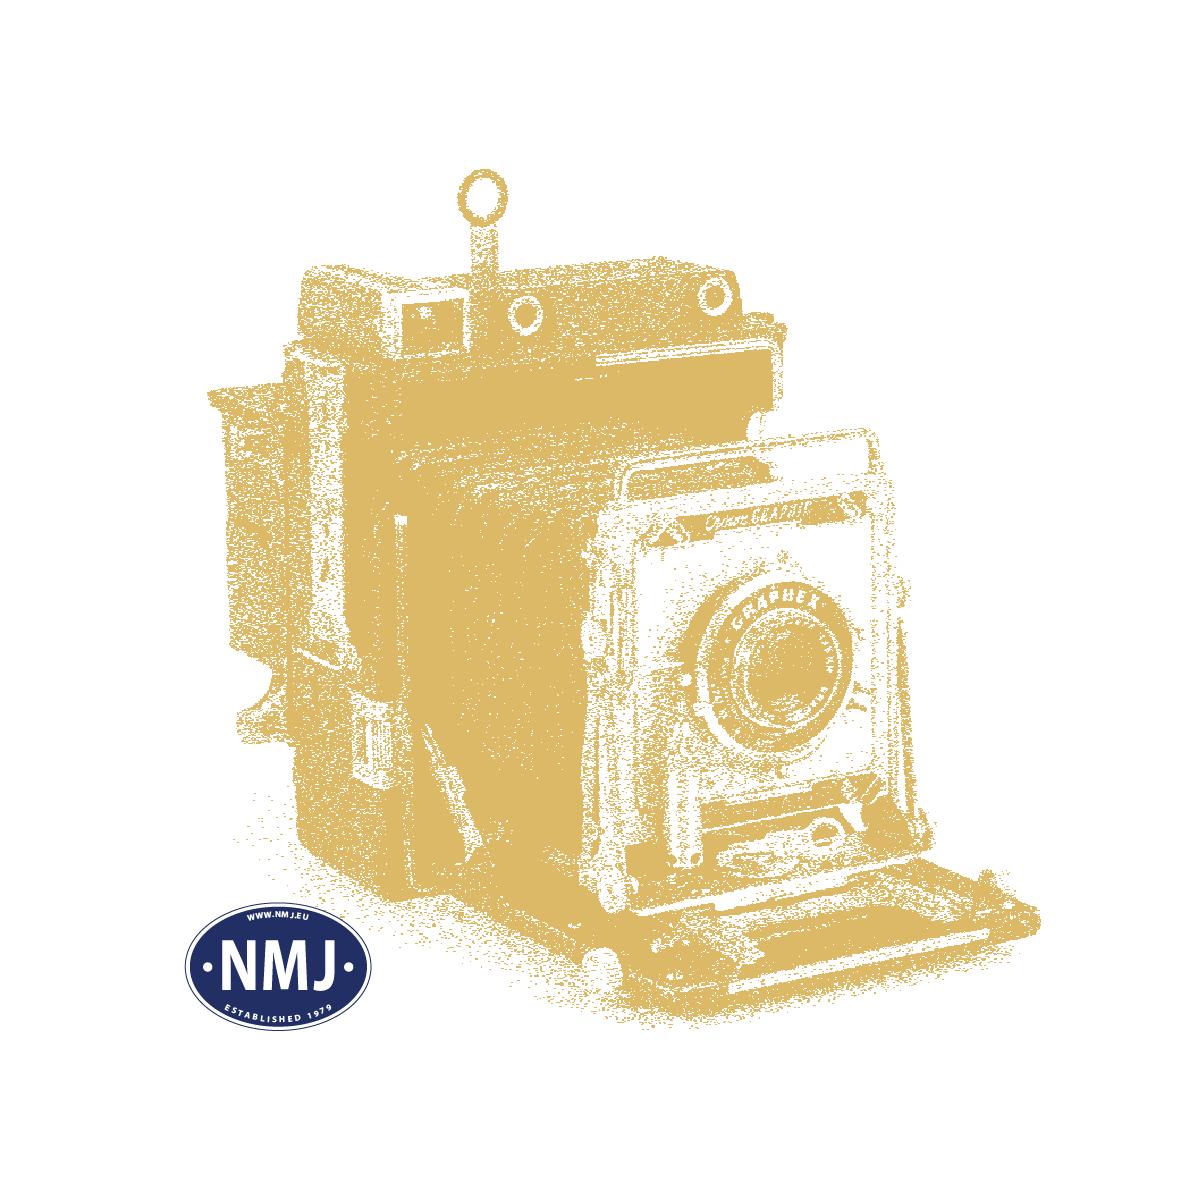 NMJT101.303 - NMJ Topline WLABK 21079 Schlafwagen der NSB, rot / schwarz